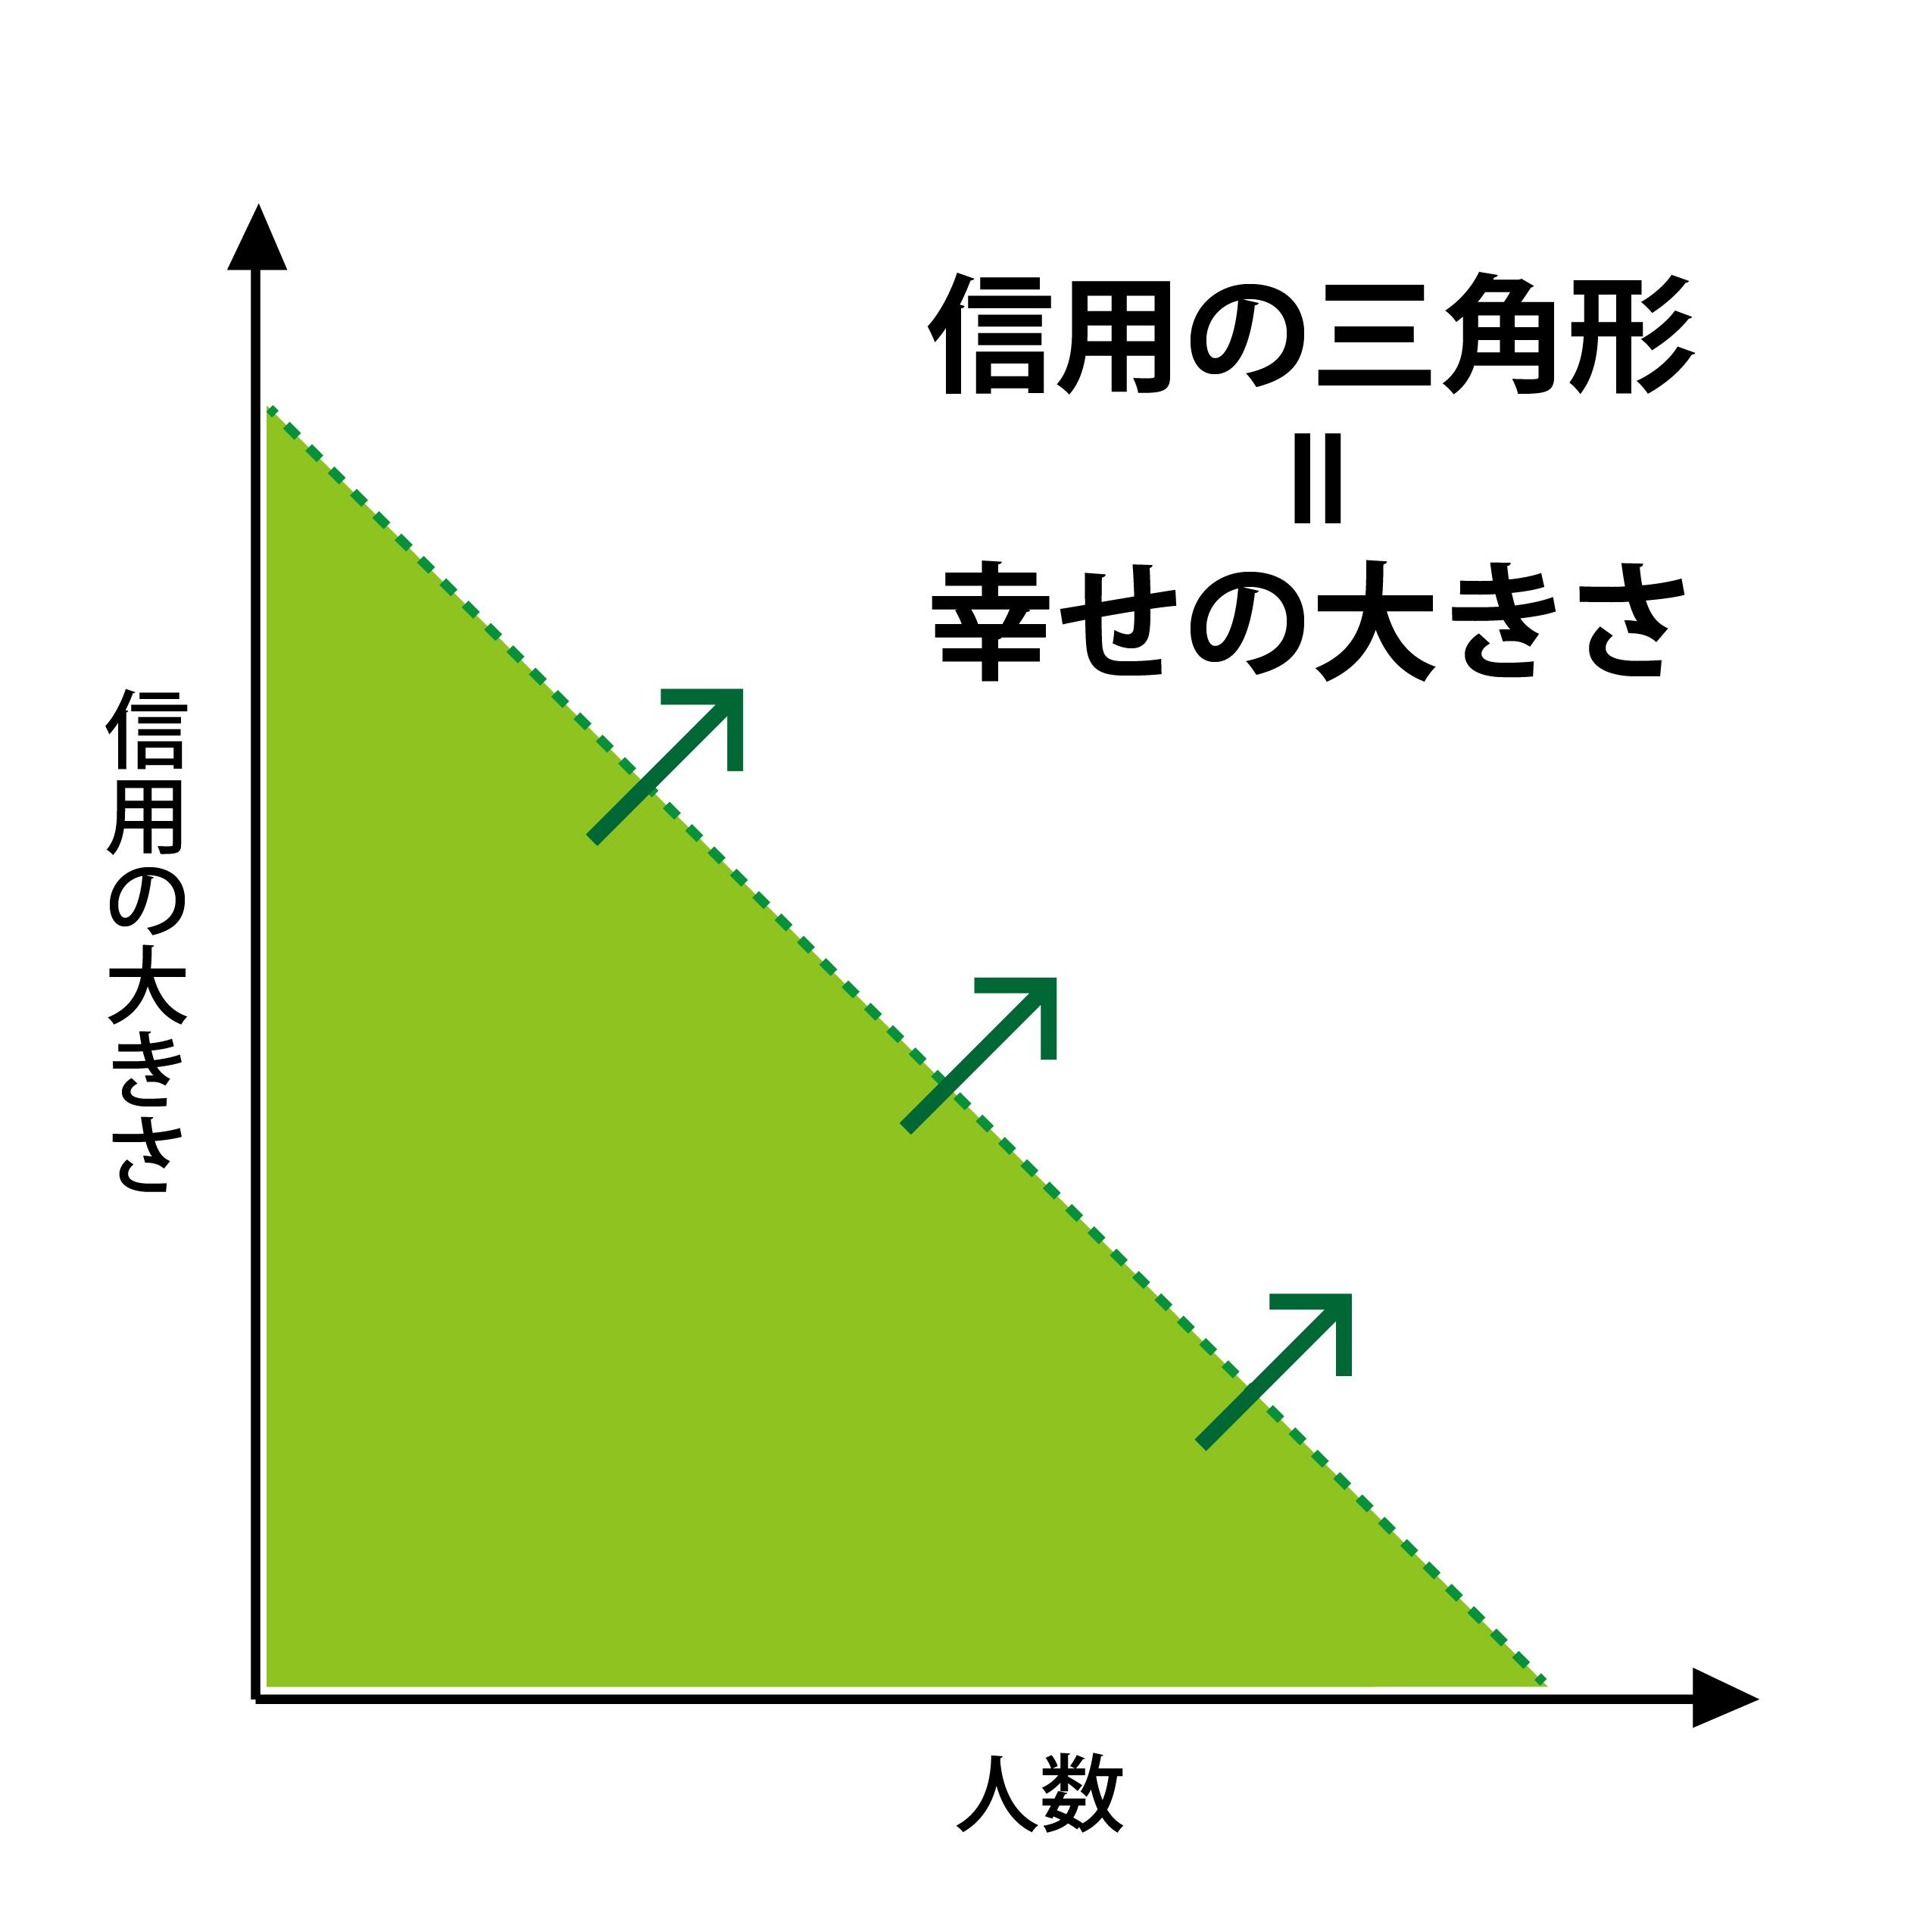 happydiagram